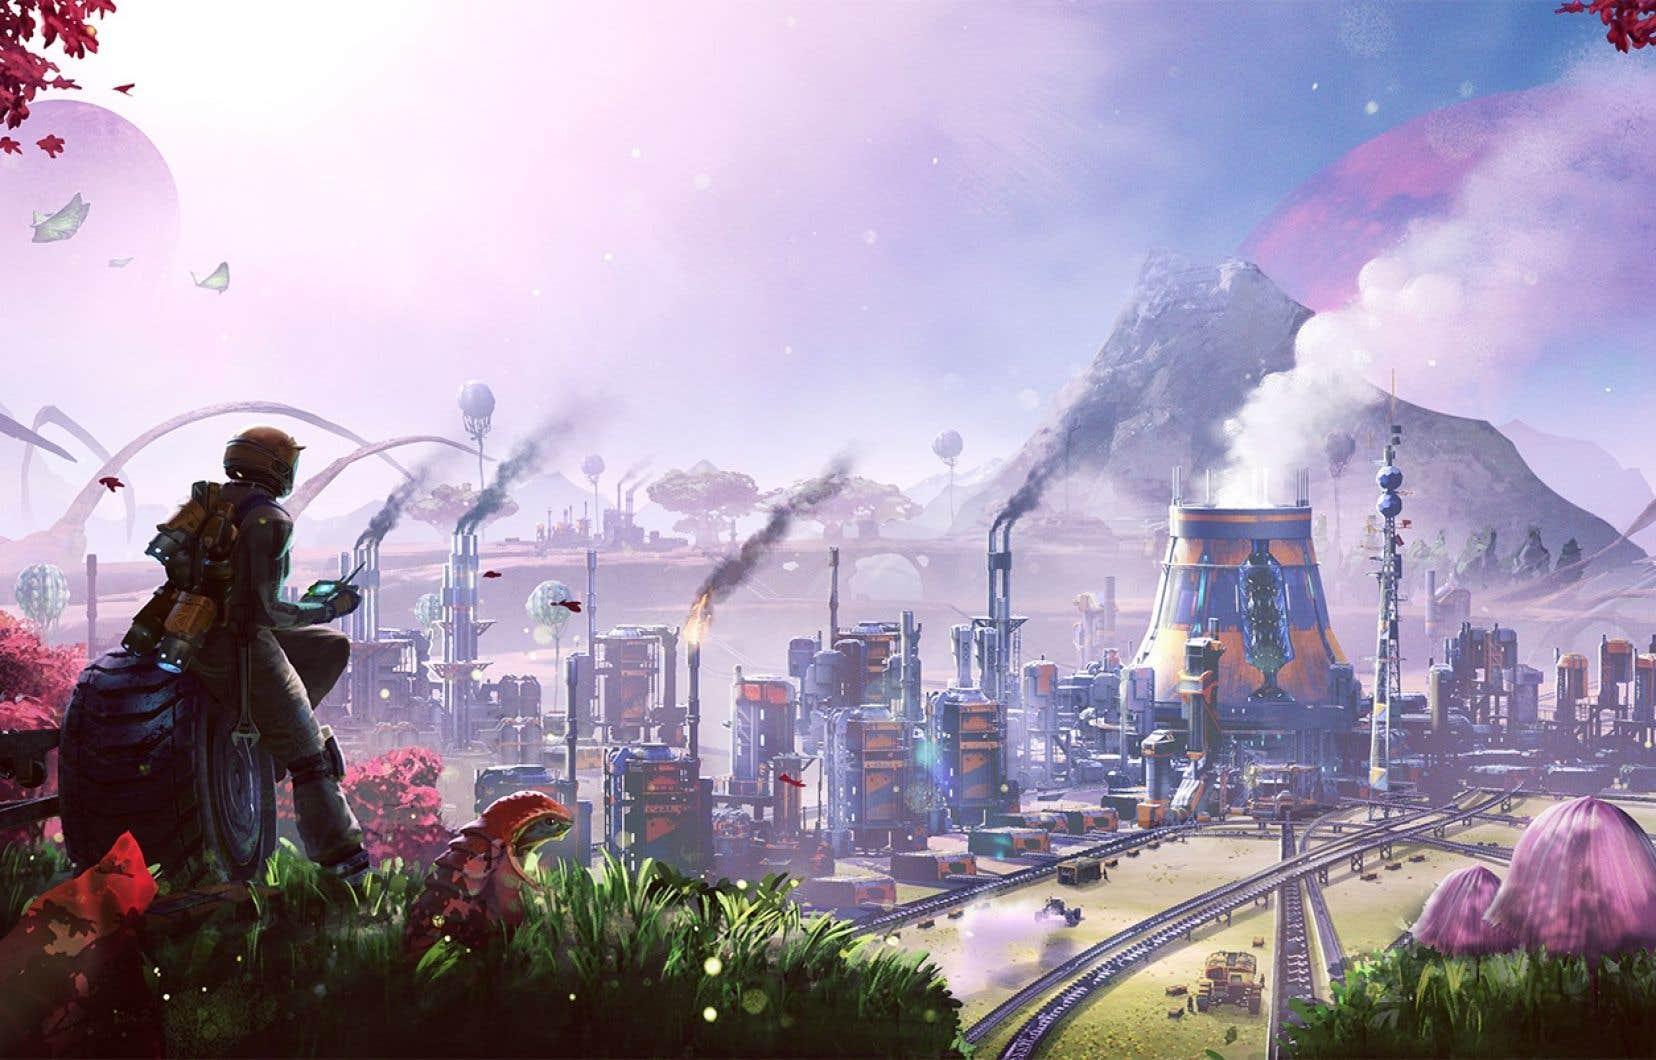 «Satisfactory» offre des paysages sublimes et colorés, que le joueur pourra s'empresser de défigurer avec ses machines et ses kilomètres de convoyeurs.